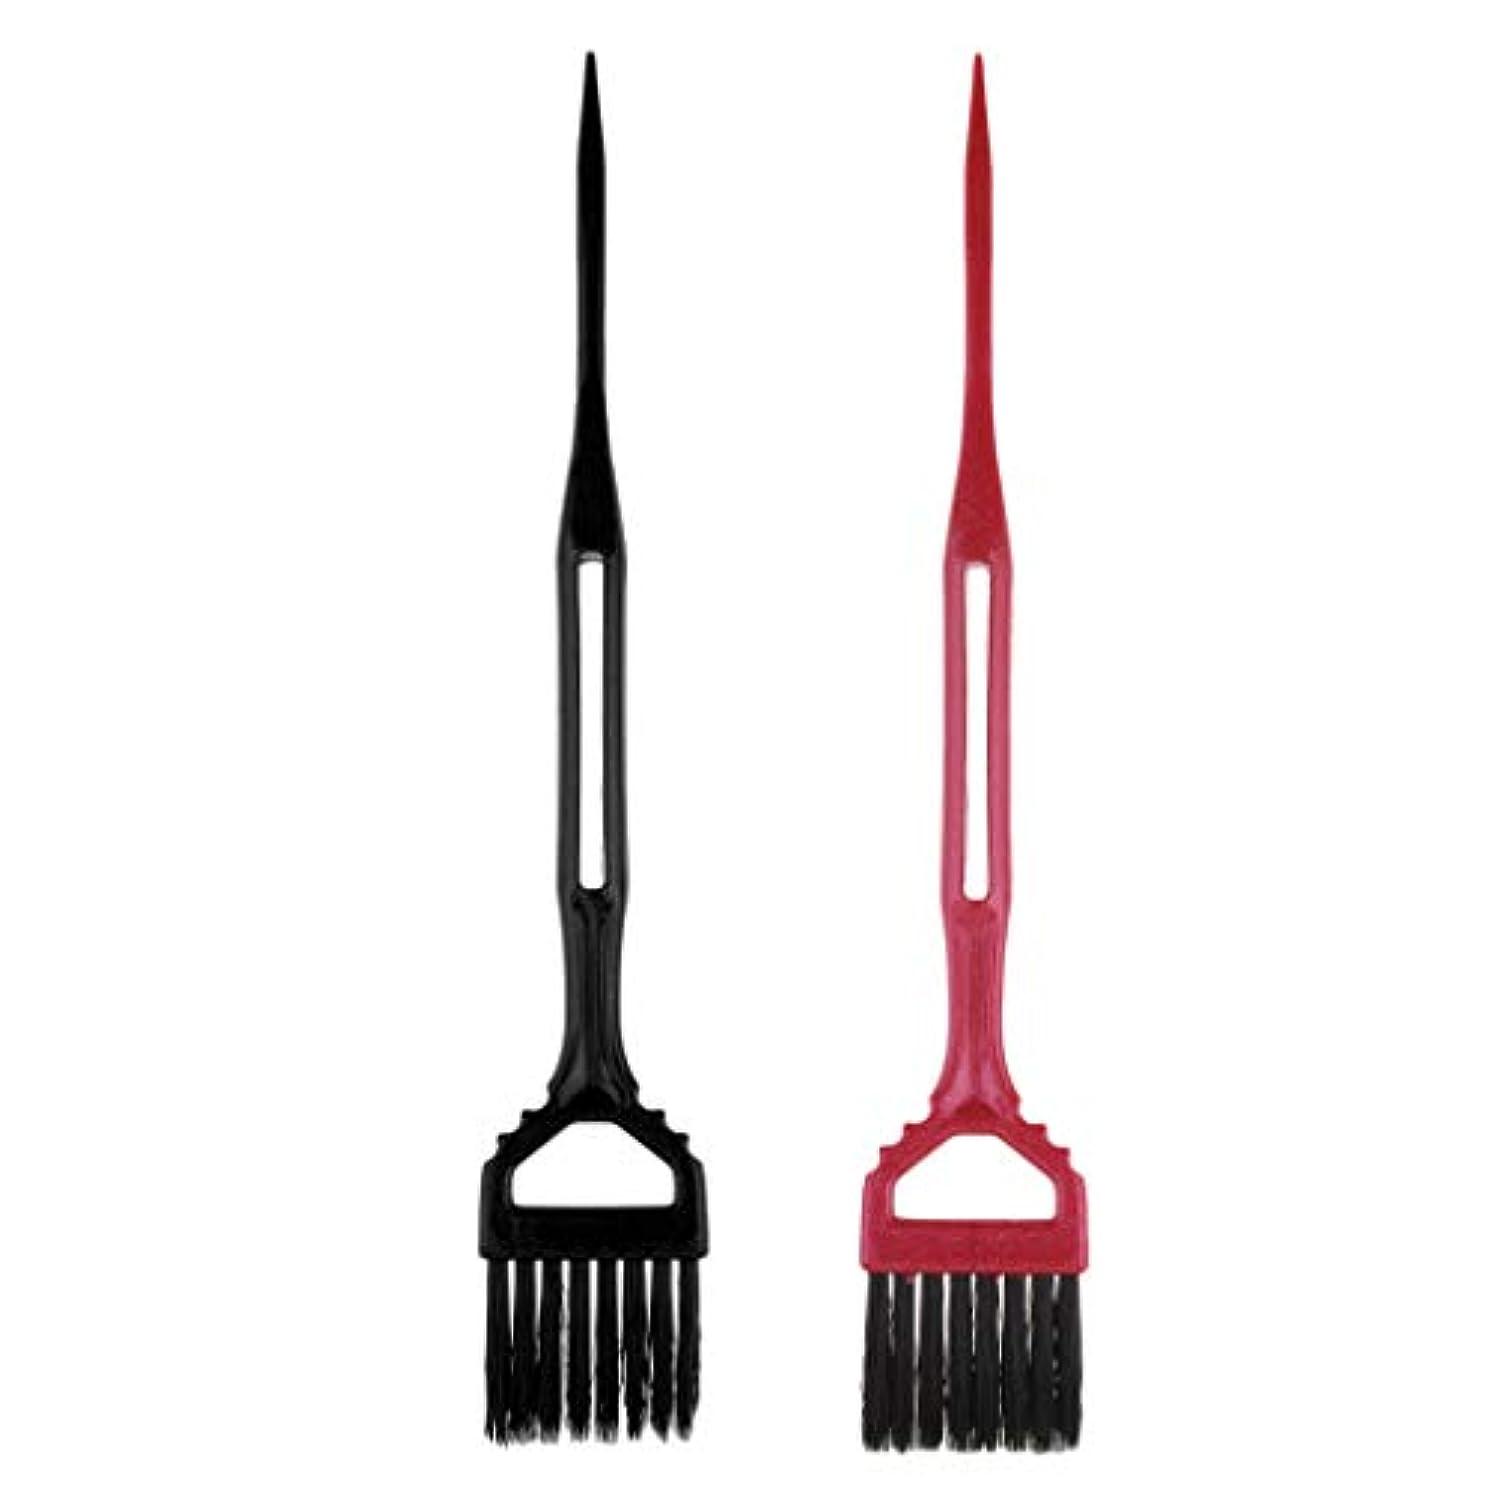 豊かにする急ぐ準備したToygogo 2サロン理髪髪染め櫛分布ブラシツールのセット髪型染め染め櫛ツール